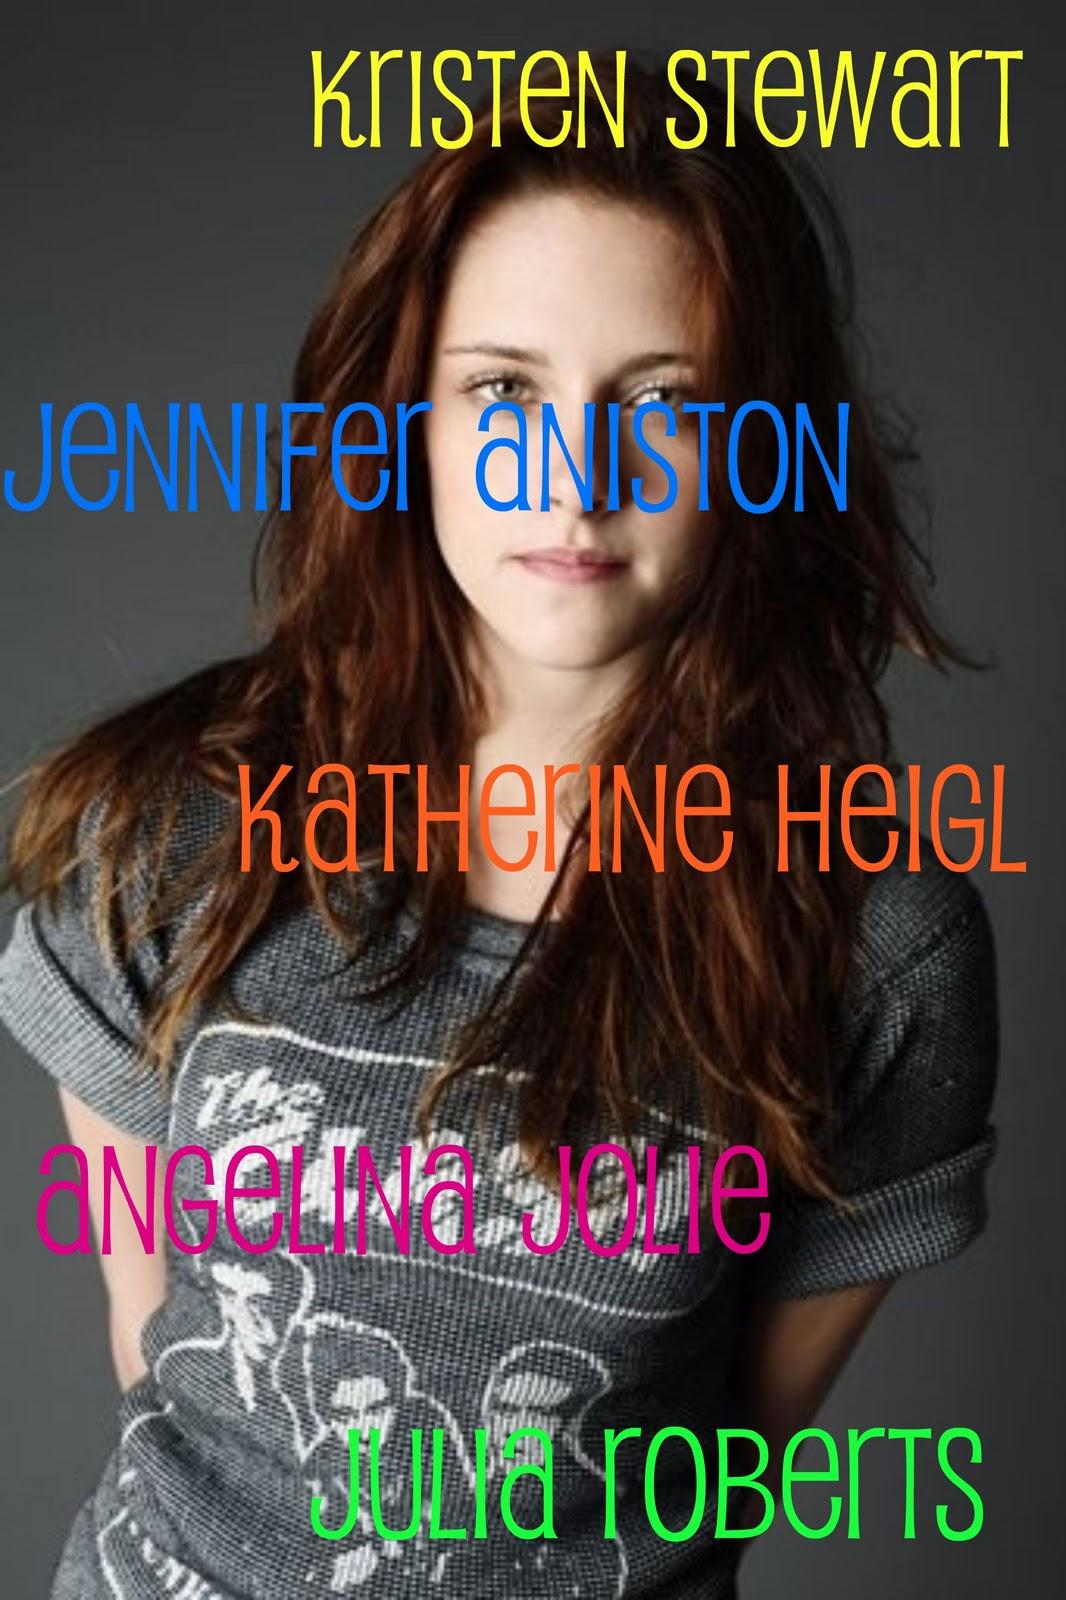 http://2.bp.blogspot.com/_m8QuInc45SU/TReFecZZEVI/AAAAAAAAAEw/fLtgNC2aUd4/s1600/actriz+favorita.jpg